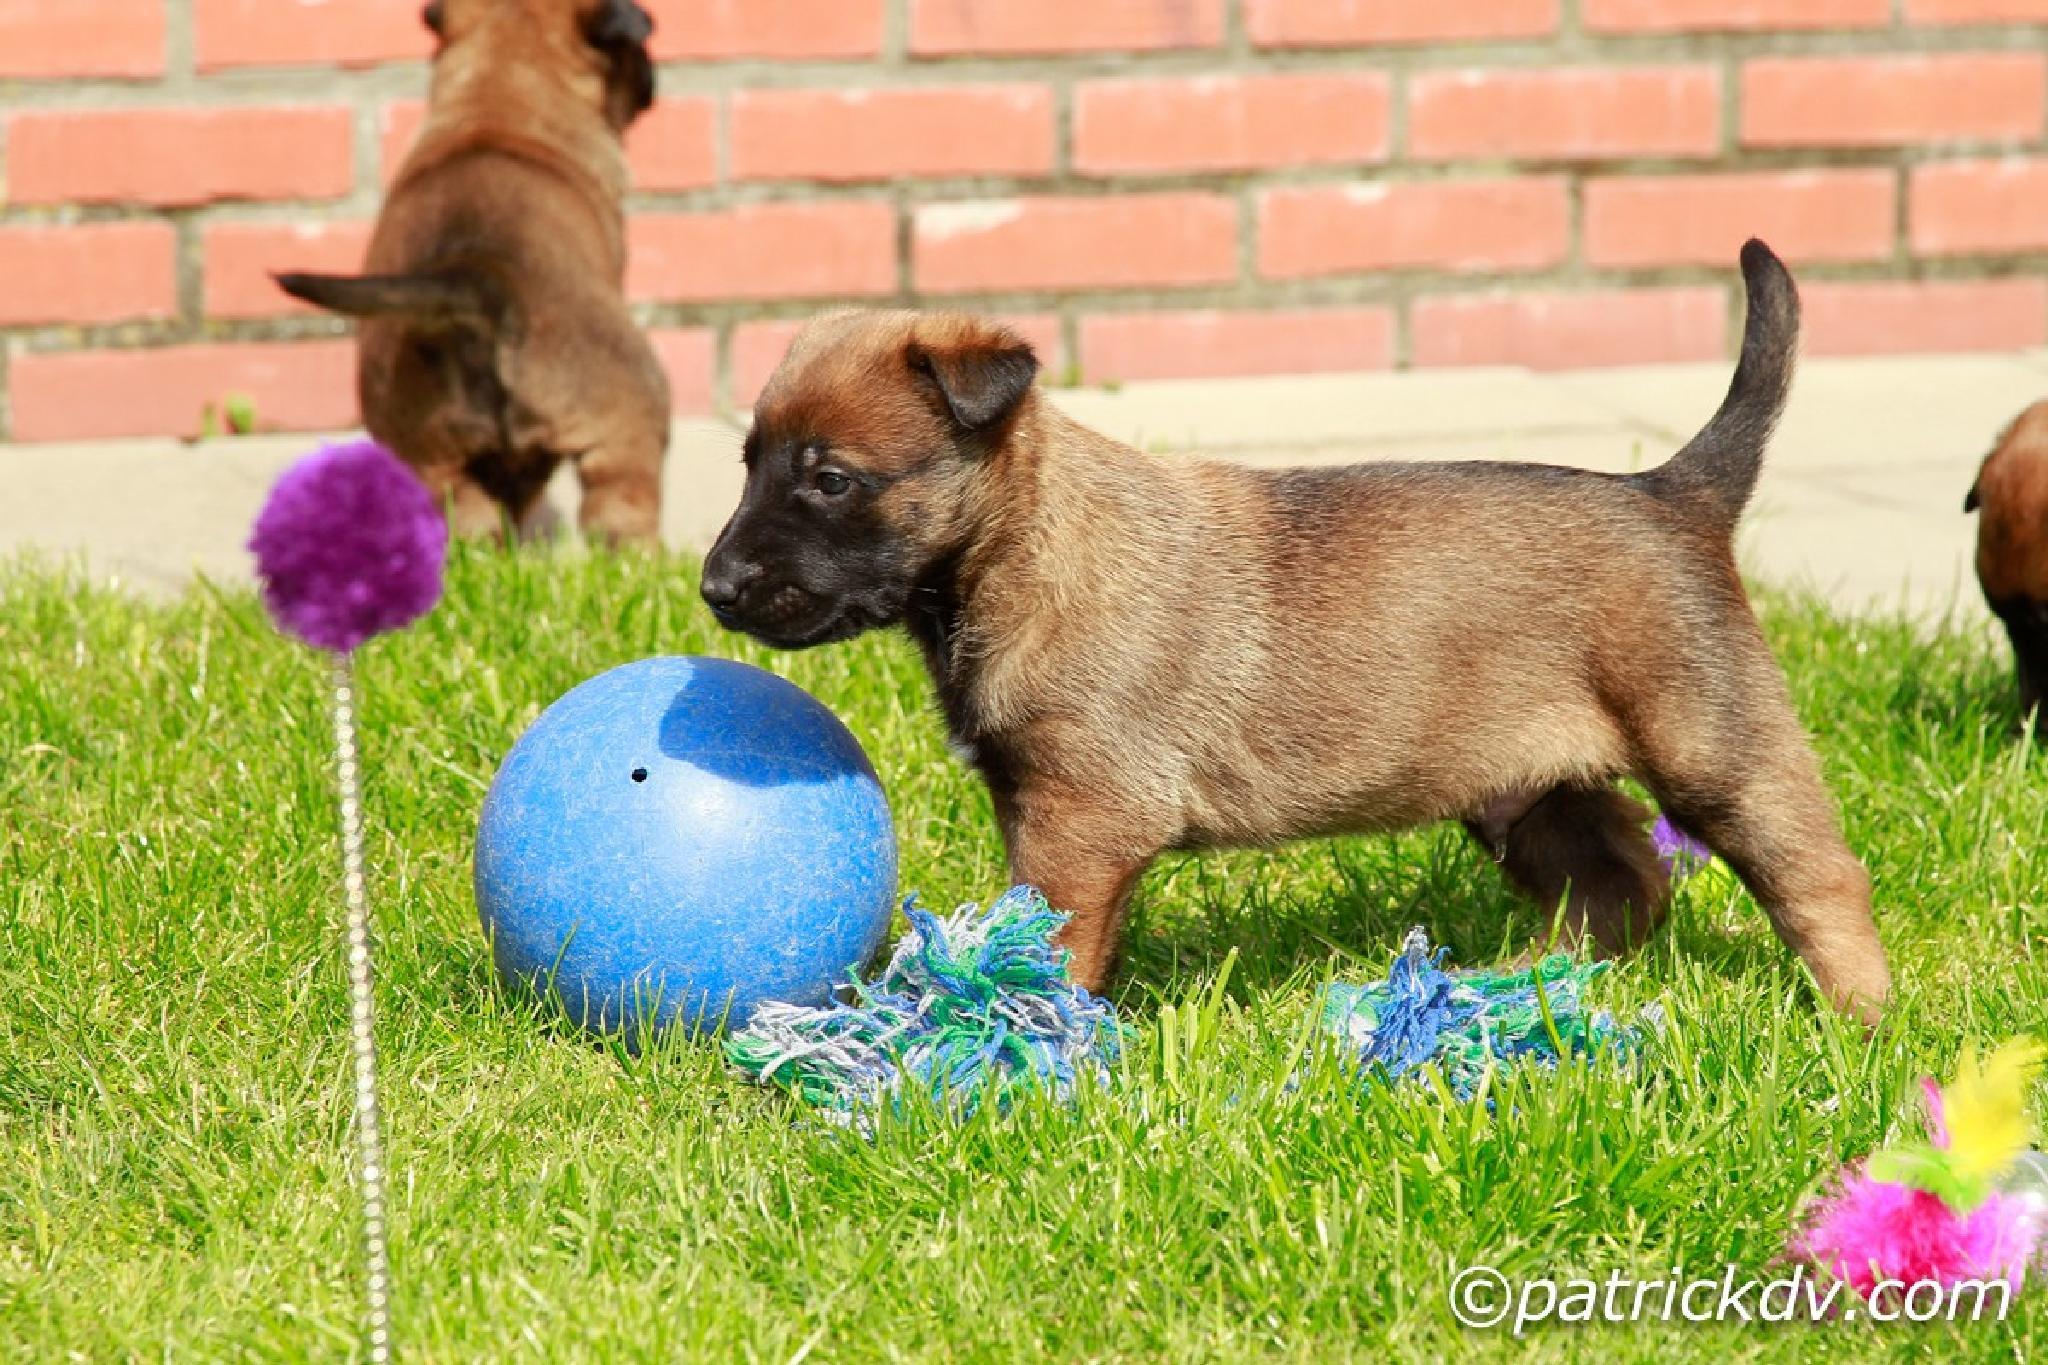 Malinois puppy  by Patrick de Vleeschauwer.